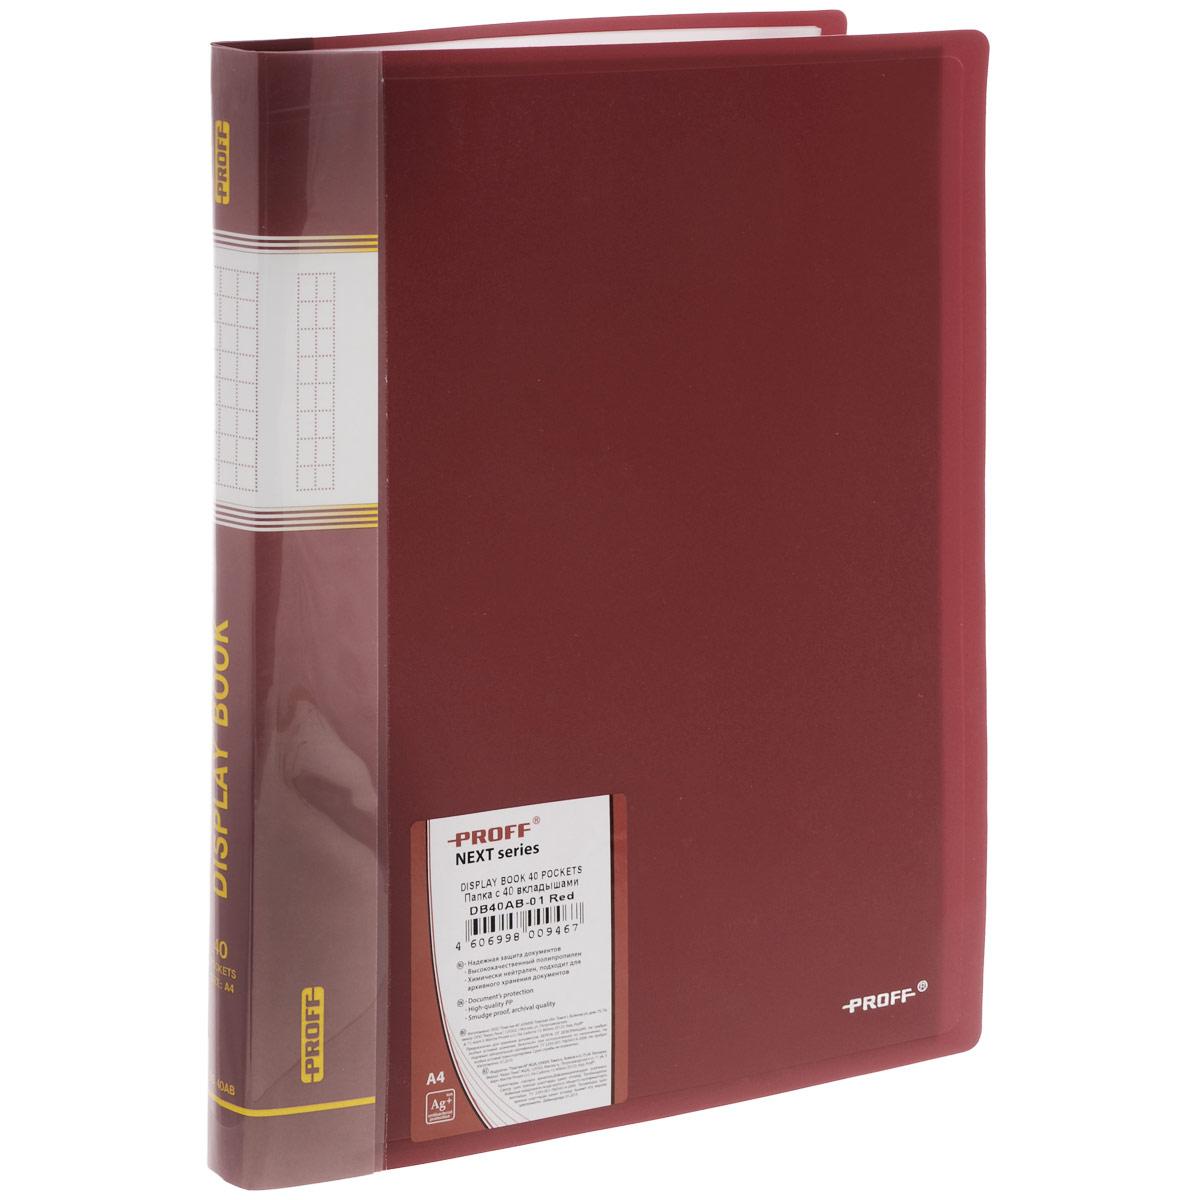 Папка с файлами Proff Next, 40 листов, цвет: красный. Формат А4DB40AB-01Папка с файлами Proff Next, изготовленная из высококачественного плотного полипропилена, это удобный и практичный офисный инструмент, предназначенный для хранения и транспортировки рабочих бумаг и документов формата А4. Папка оснащена 40 вклеенными прозрачными файлами. Папка с файлами - это незаменимый атрибут для студента, школьника, офисного работника. Такая папка надежно сохранит ваши документы и сбережет их от повреждений, пыли и влаги.